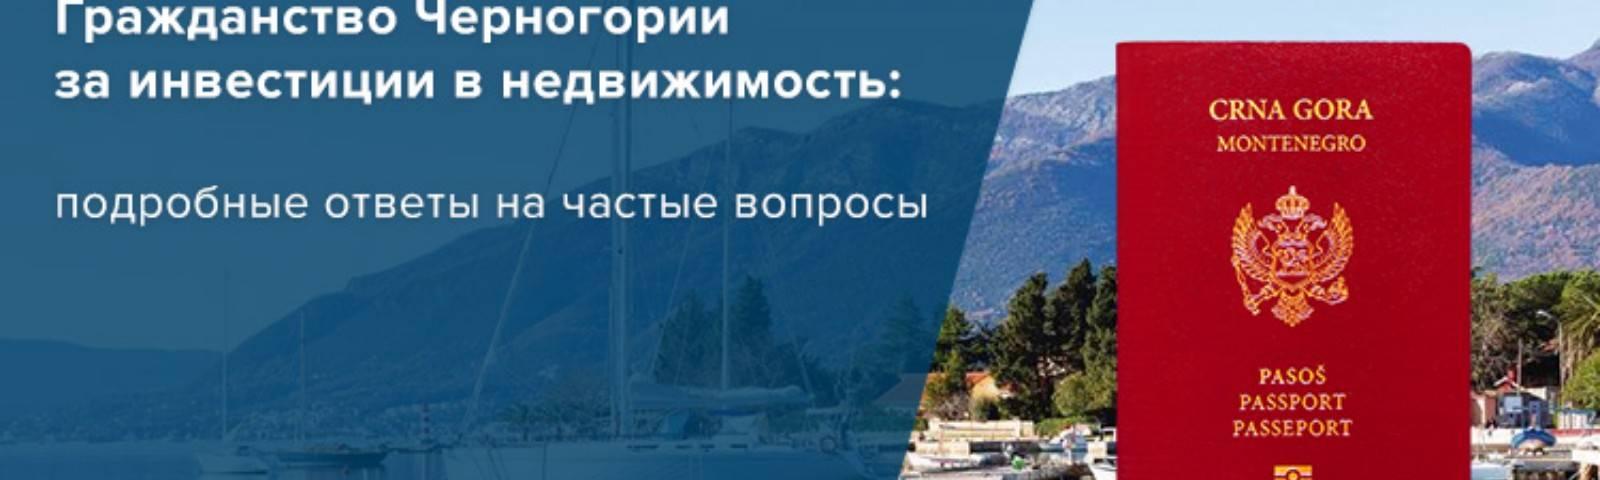 Переезд в черногорию на пмж: способы эмиграции из россии в 2021 году